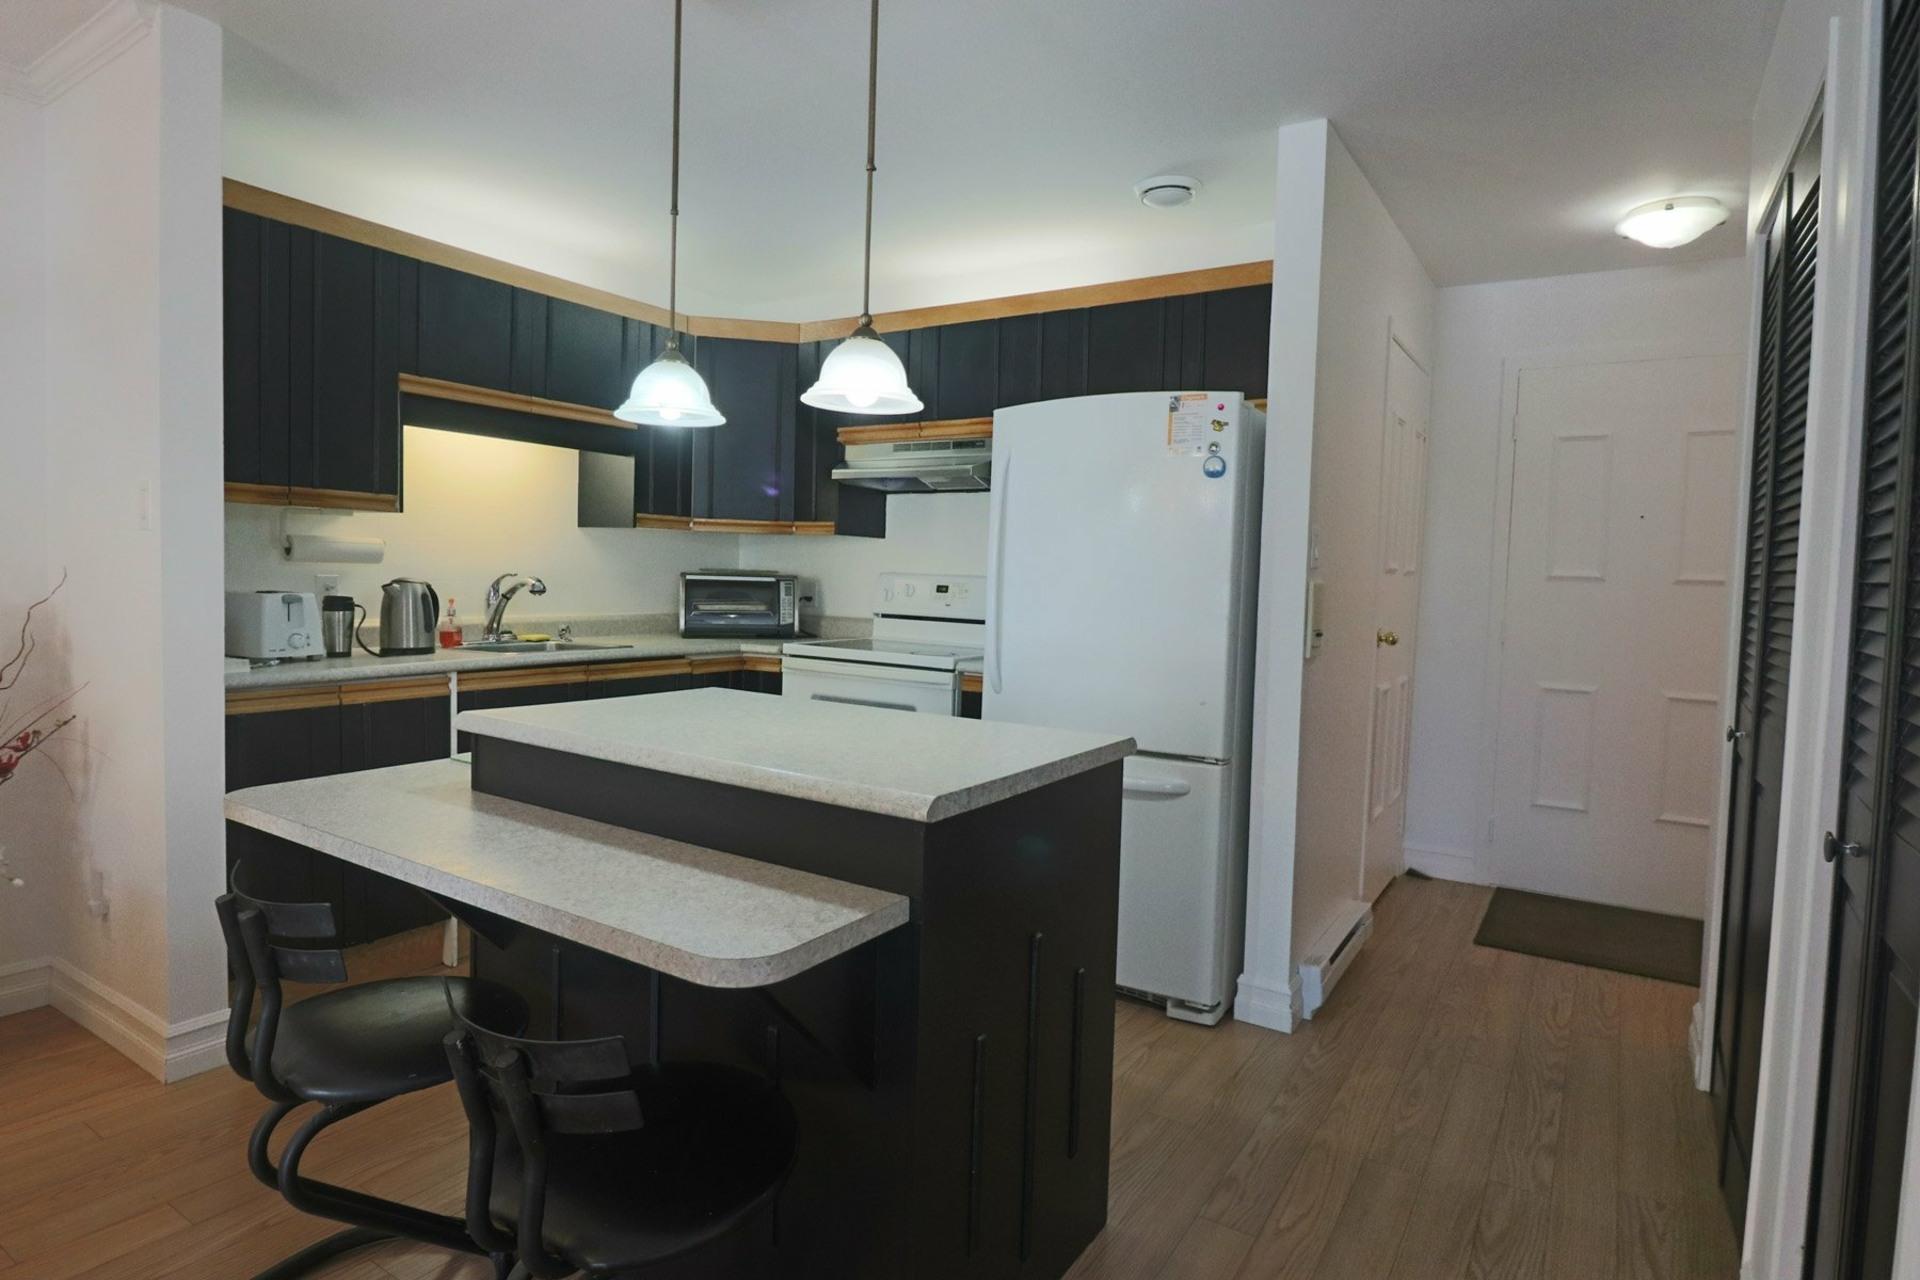 image 7 - Appartement À vendre Trois-Rivières - 8 pièces